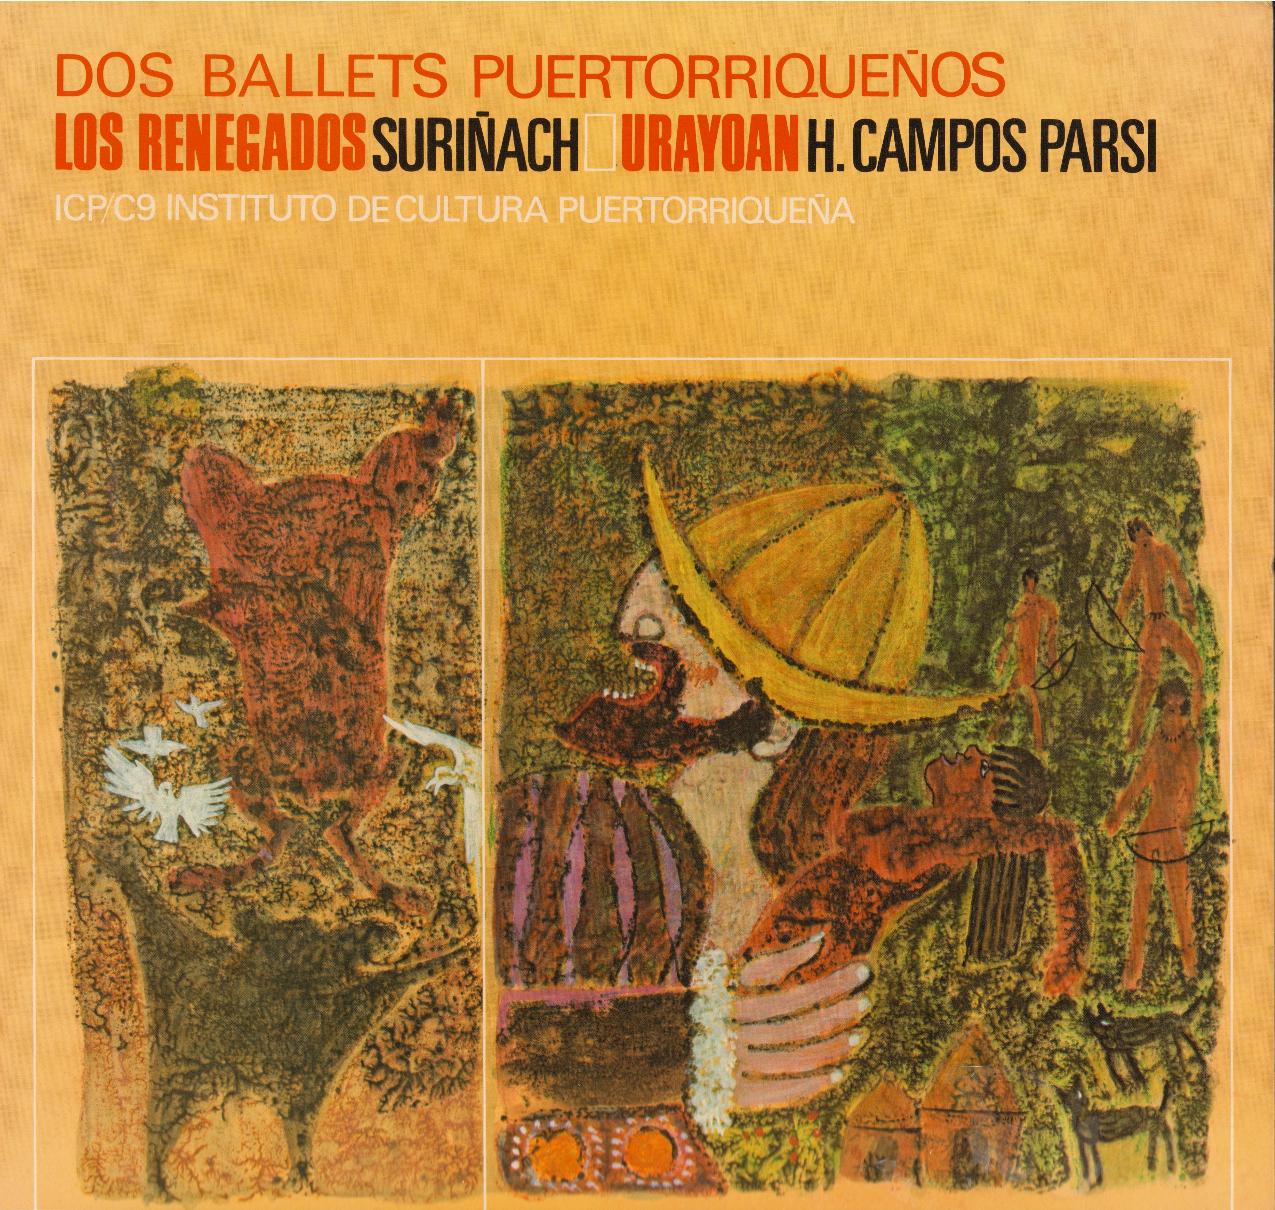 Dos Ballets Puertorriqueños: 'Los Renegados' de Surinach y 'Urayoán' de H. Campos Parsi